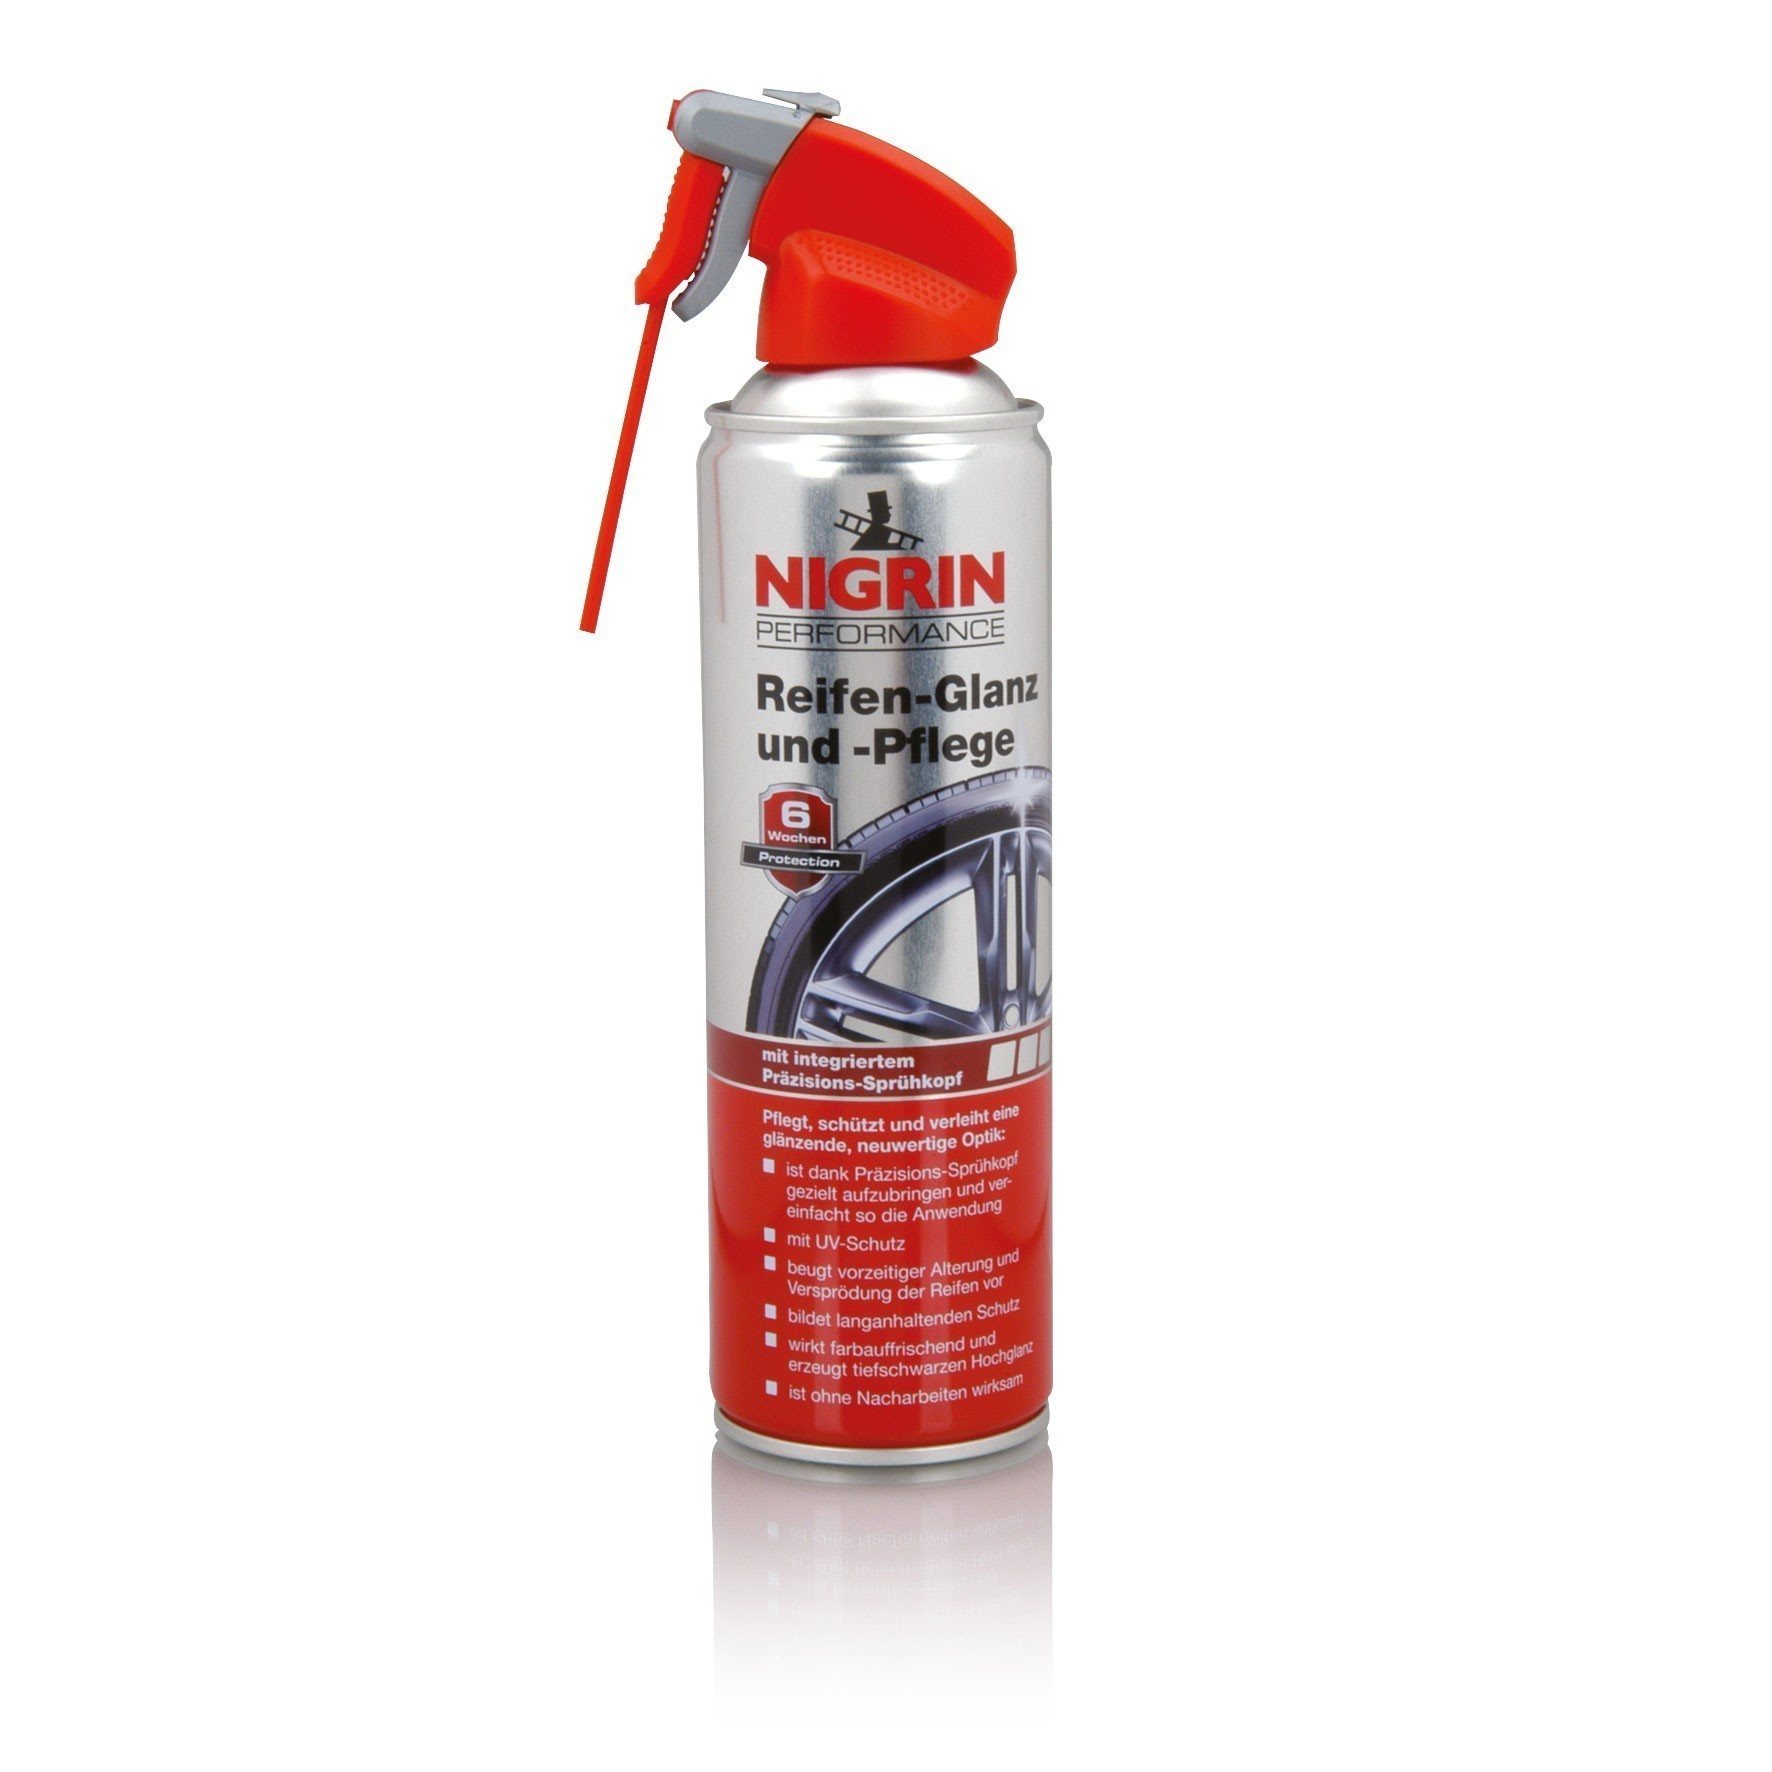 Nigrin Performance Reifen Glanz und Pflege 500ml Bild 1